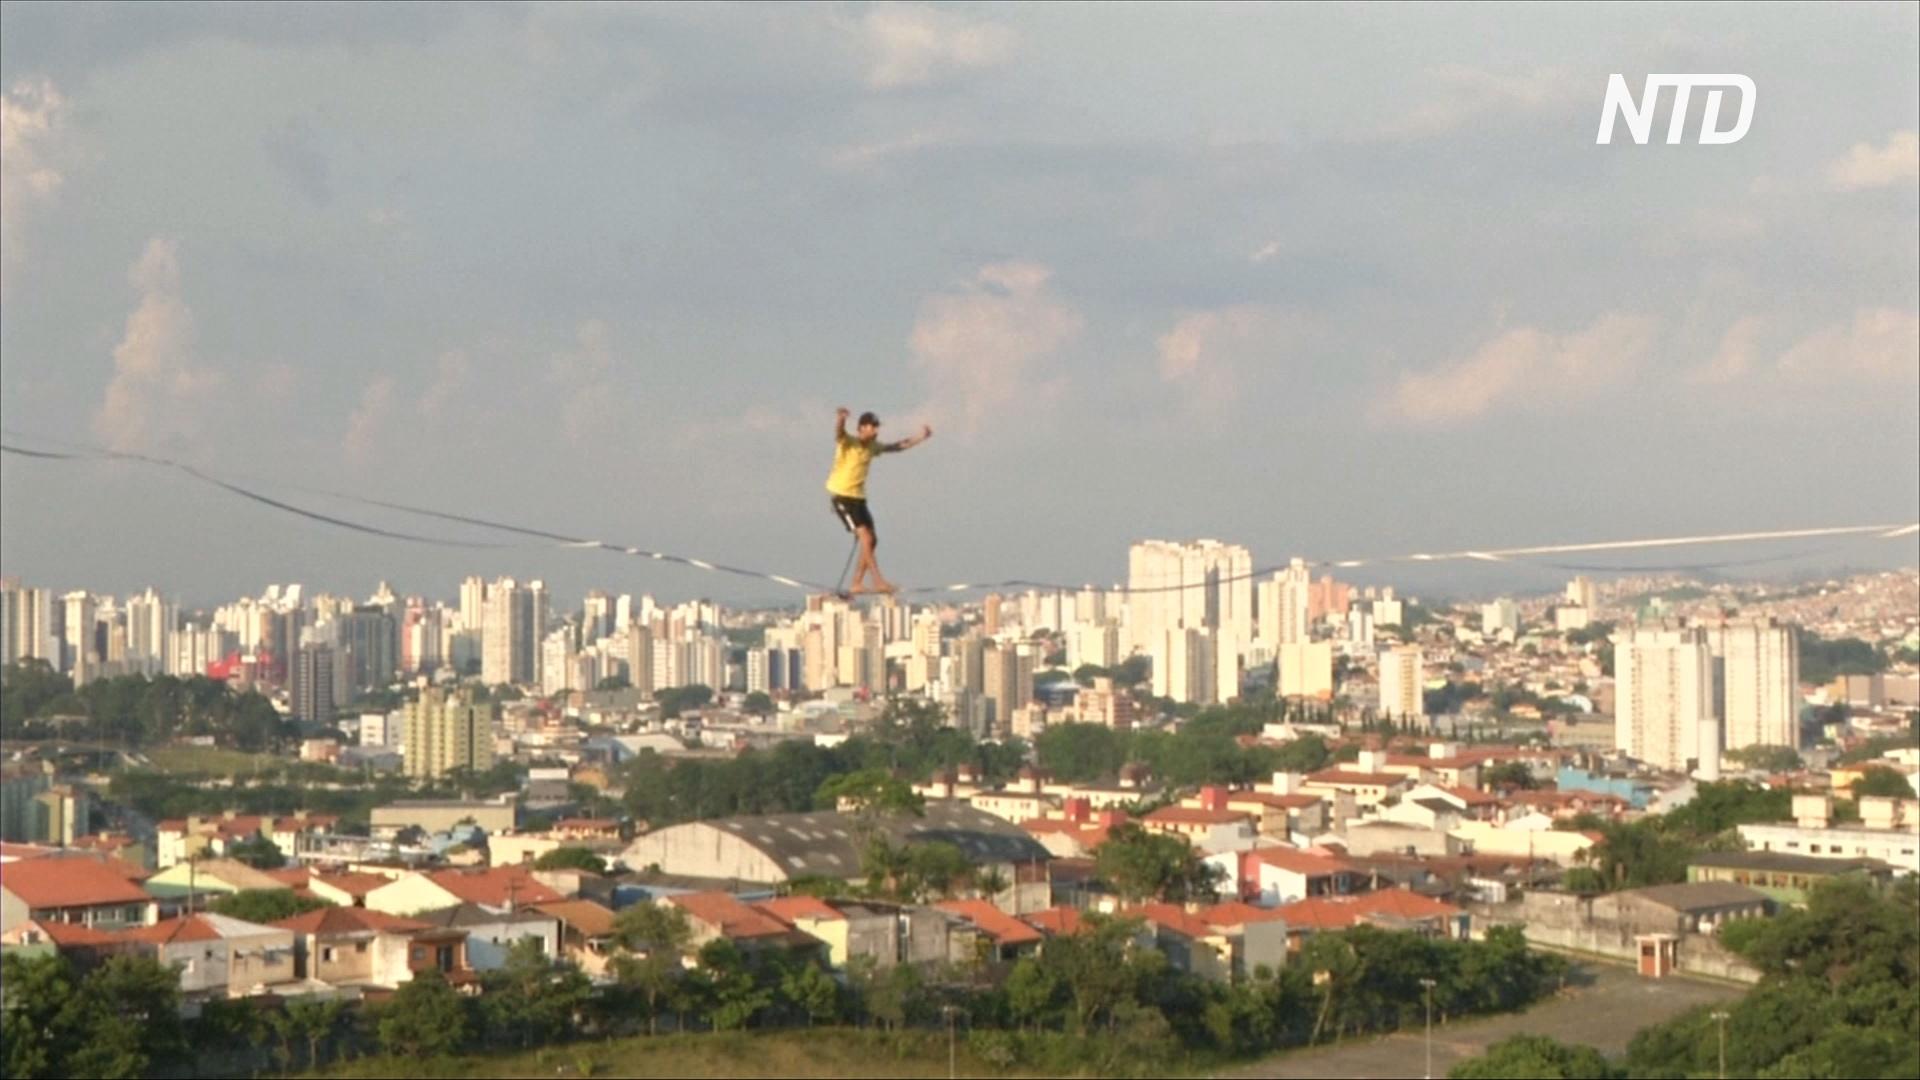 Экстремалы в городе: в Сан-Паулу эквилибристы облюбовали заброшенную стройку